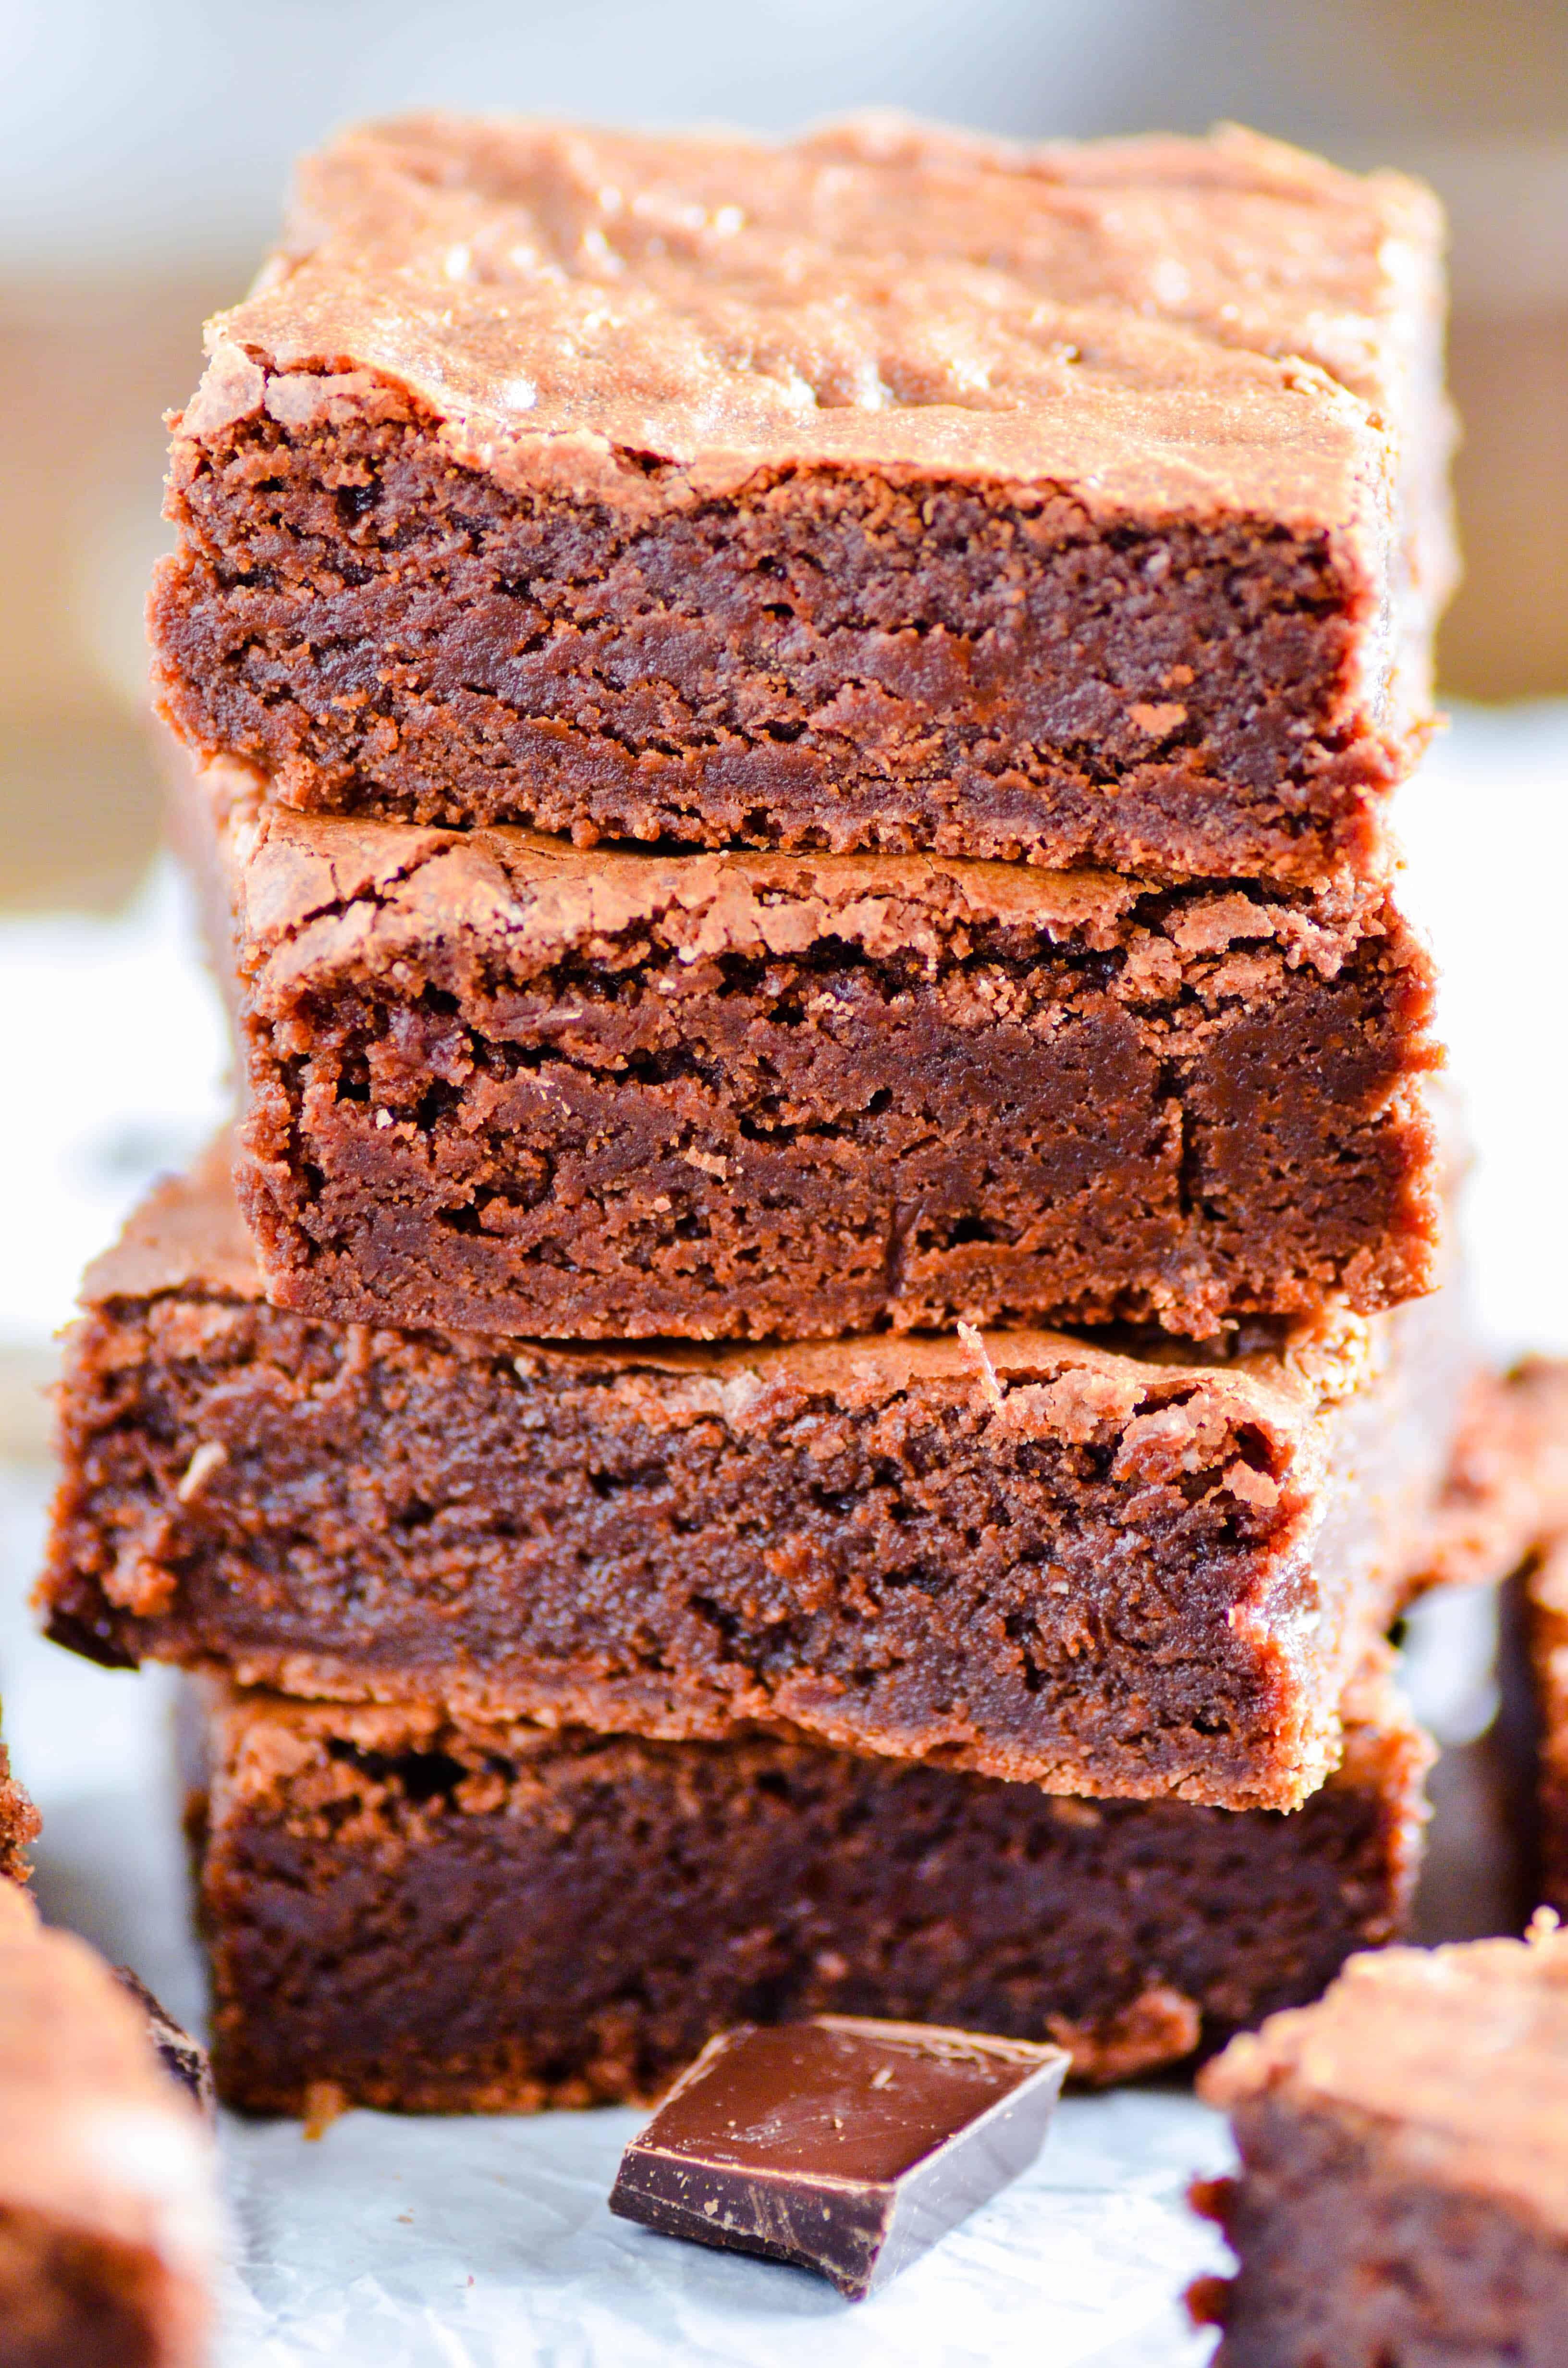 Oprah's Favorite Brownies